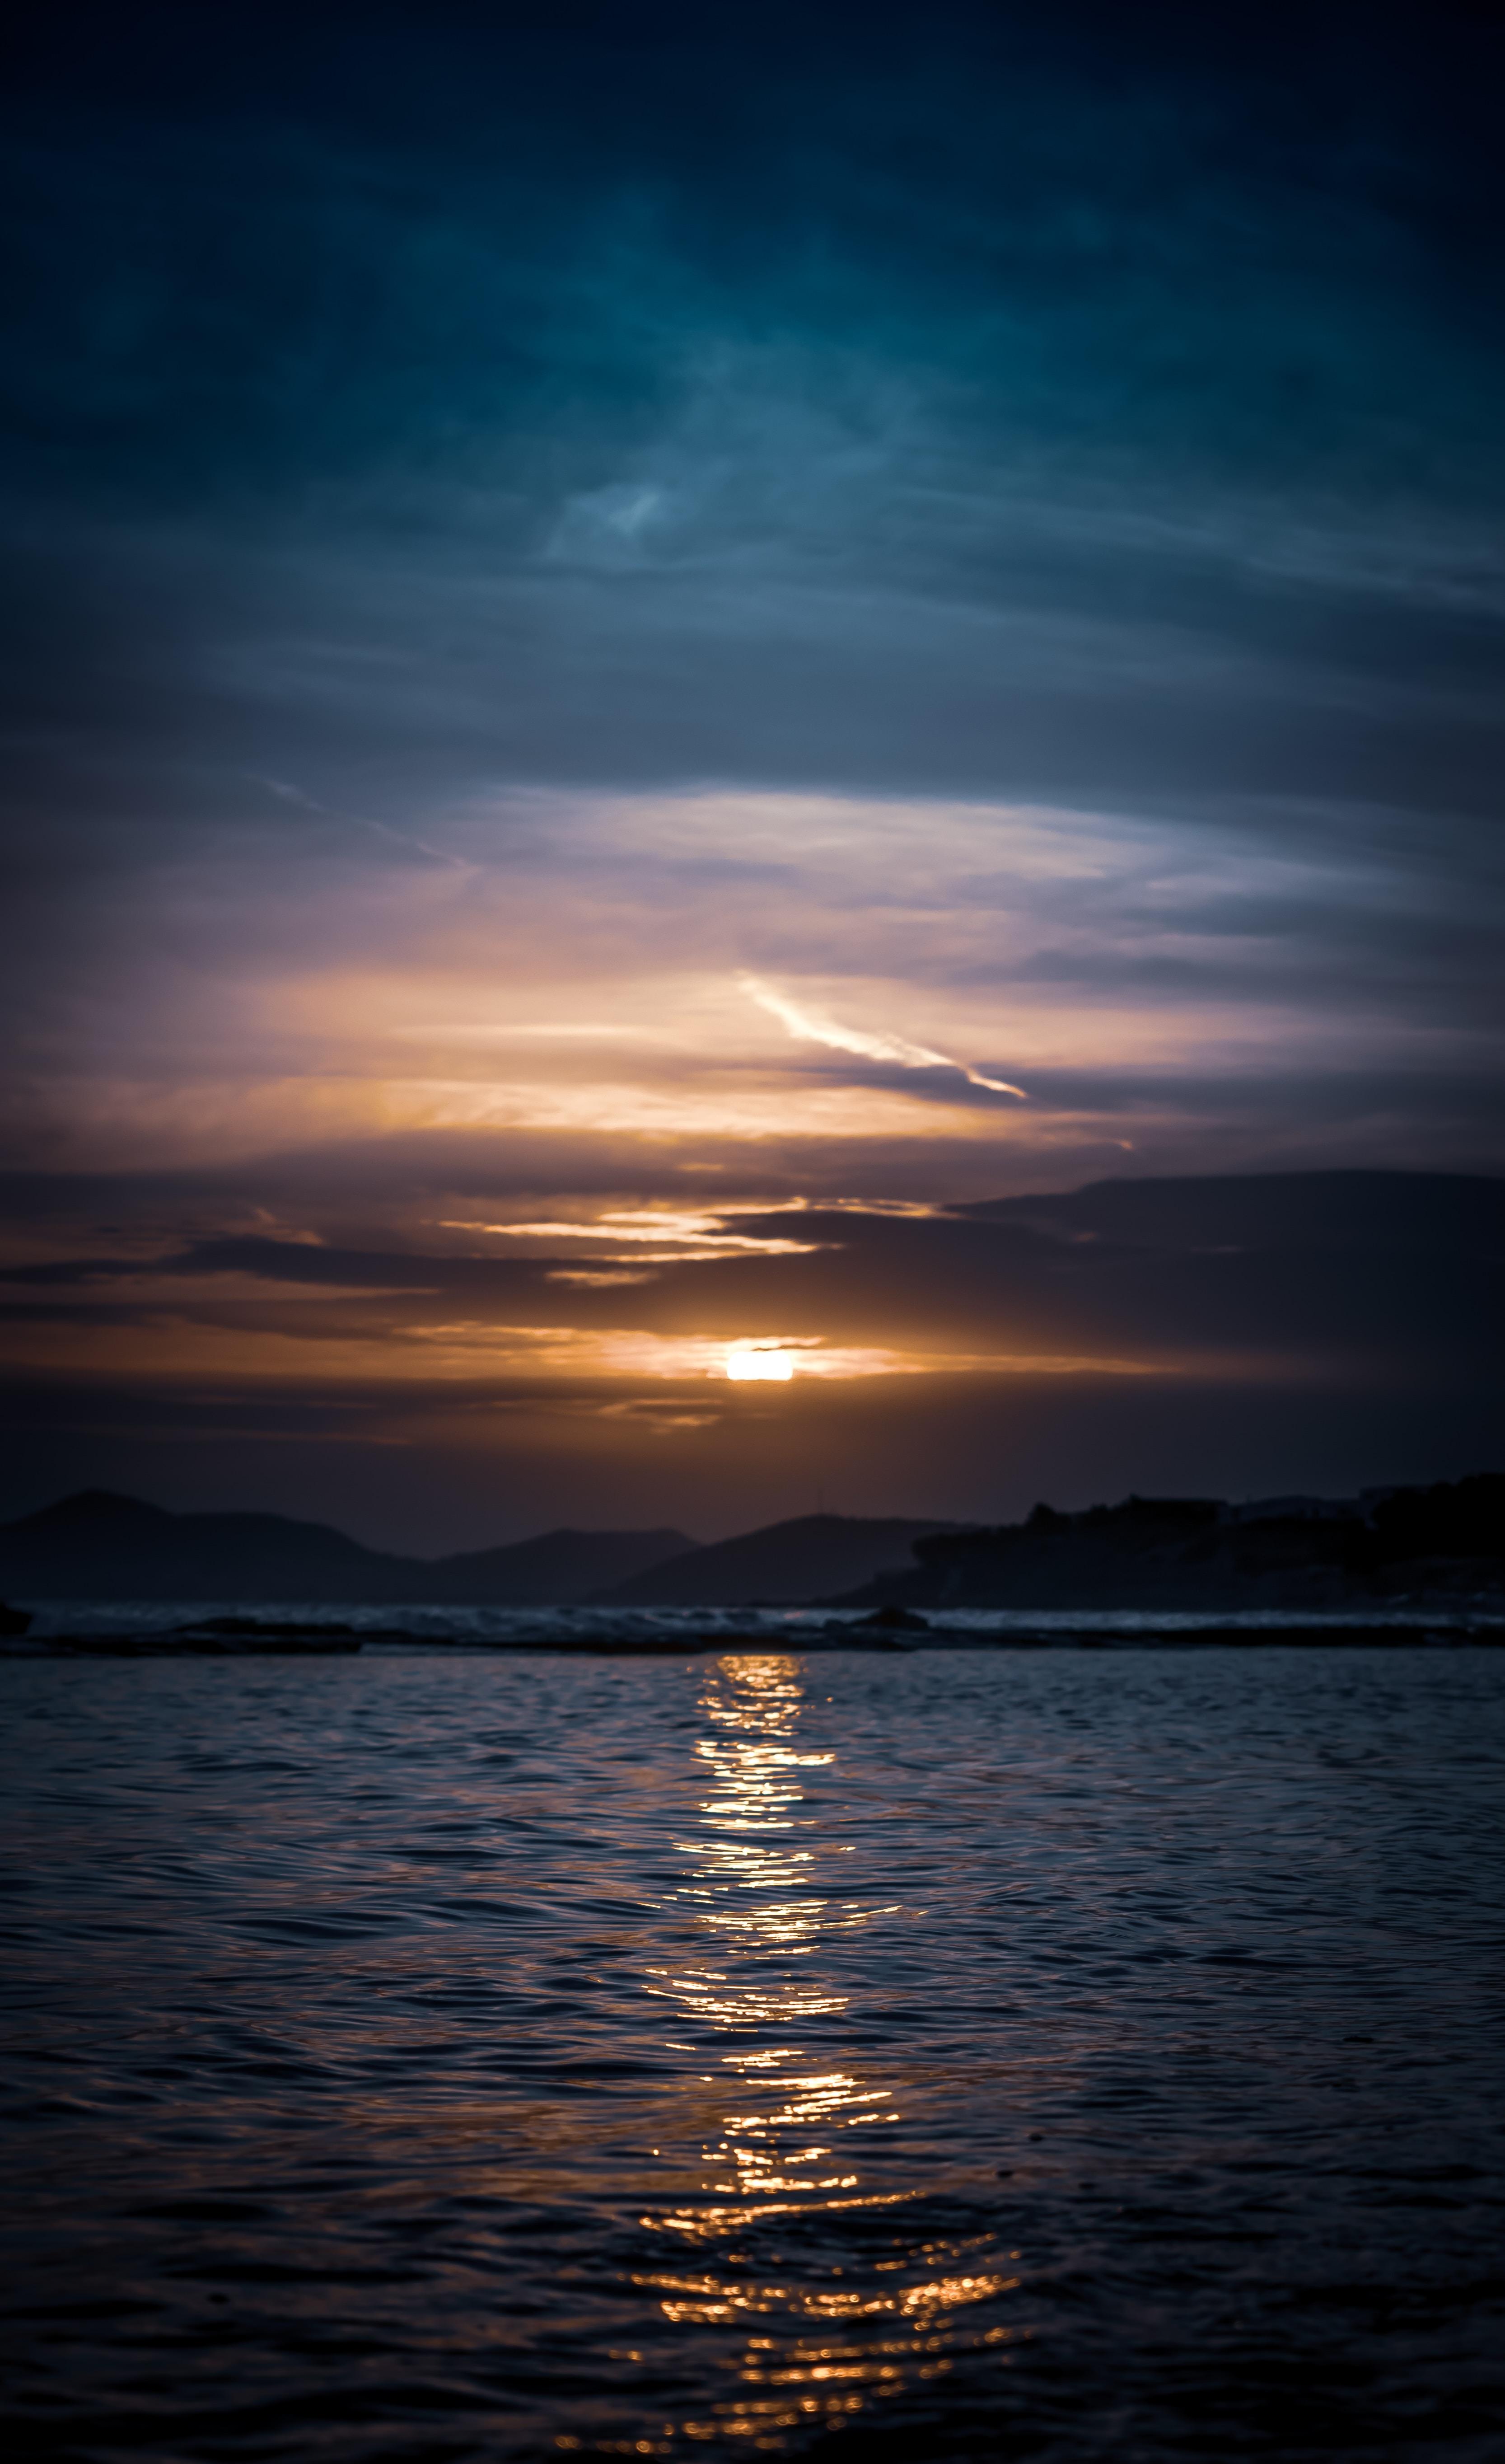 beach under golden hour